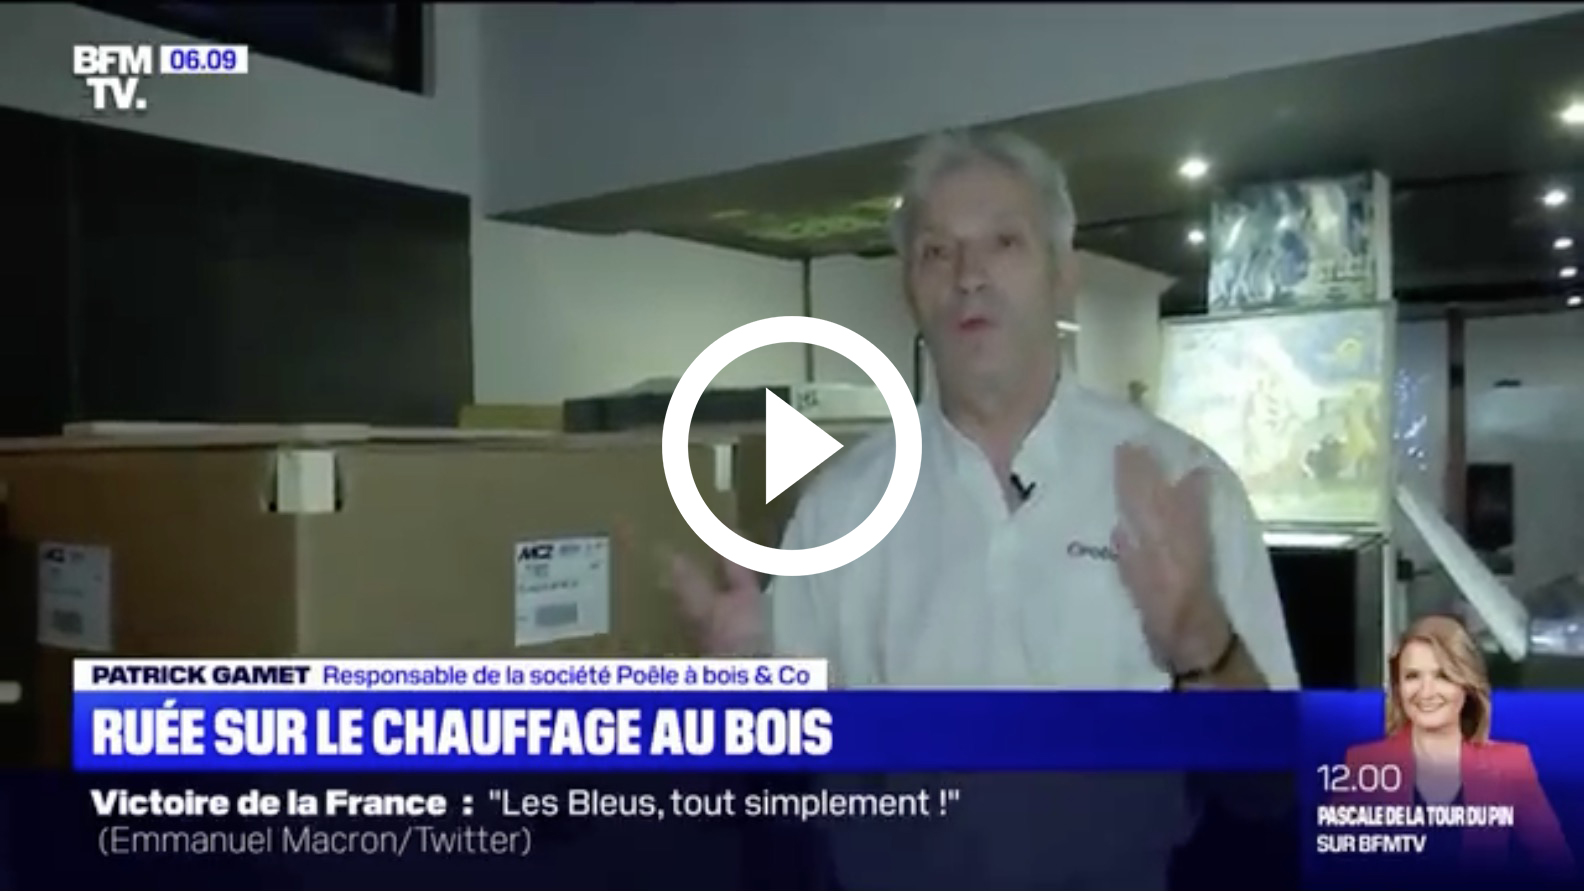 poele à bois and co sur BFMTV